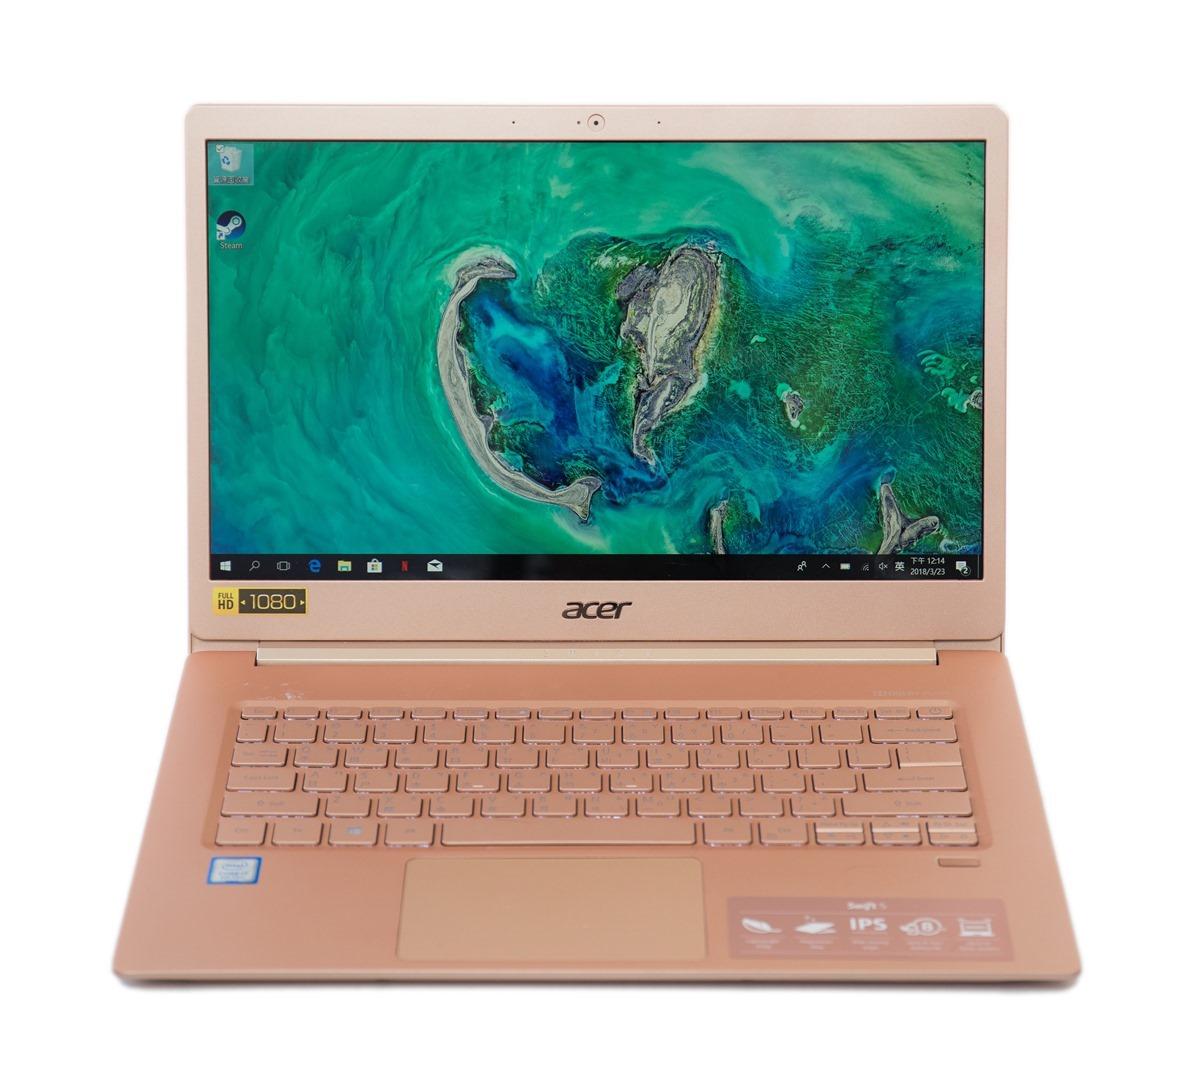 14 吋超輕薄筆電!Acer Swift 5 輕薄/擴充/性能兼具! @3C 達人廖阿輝